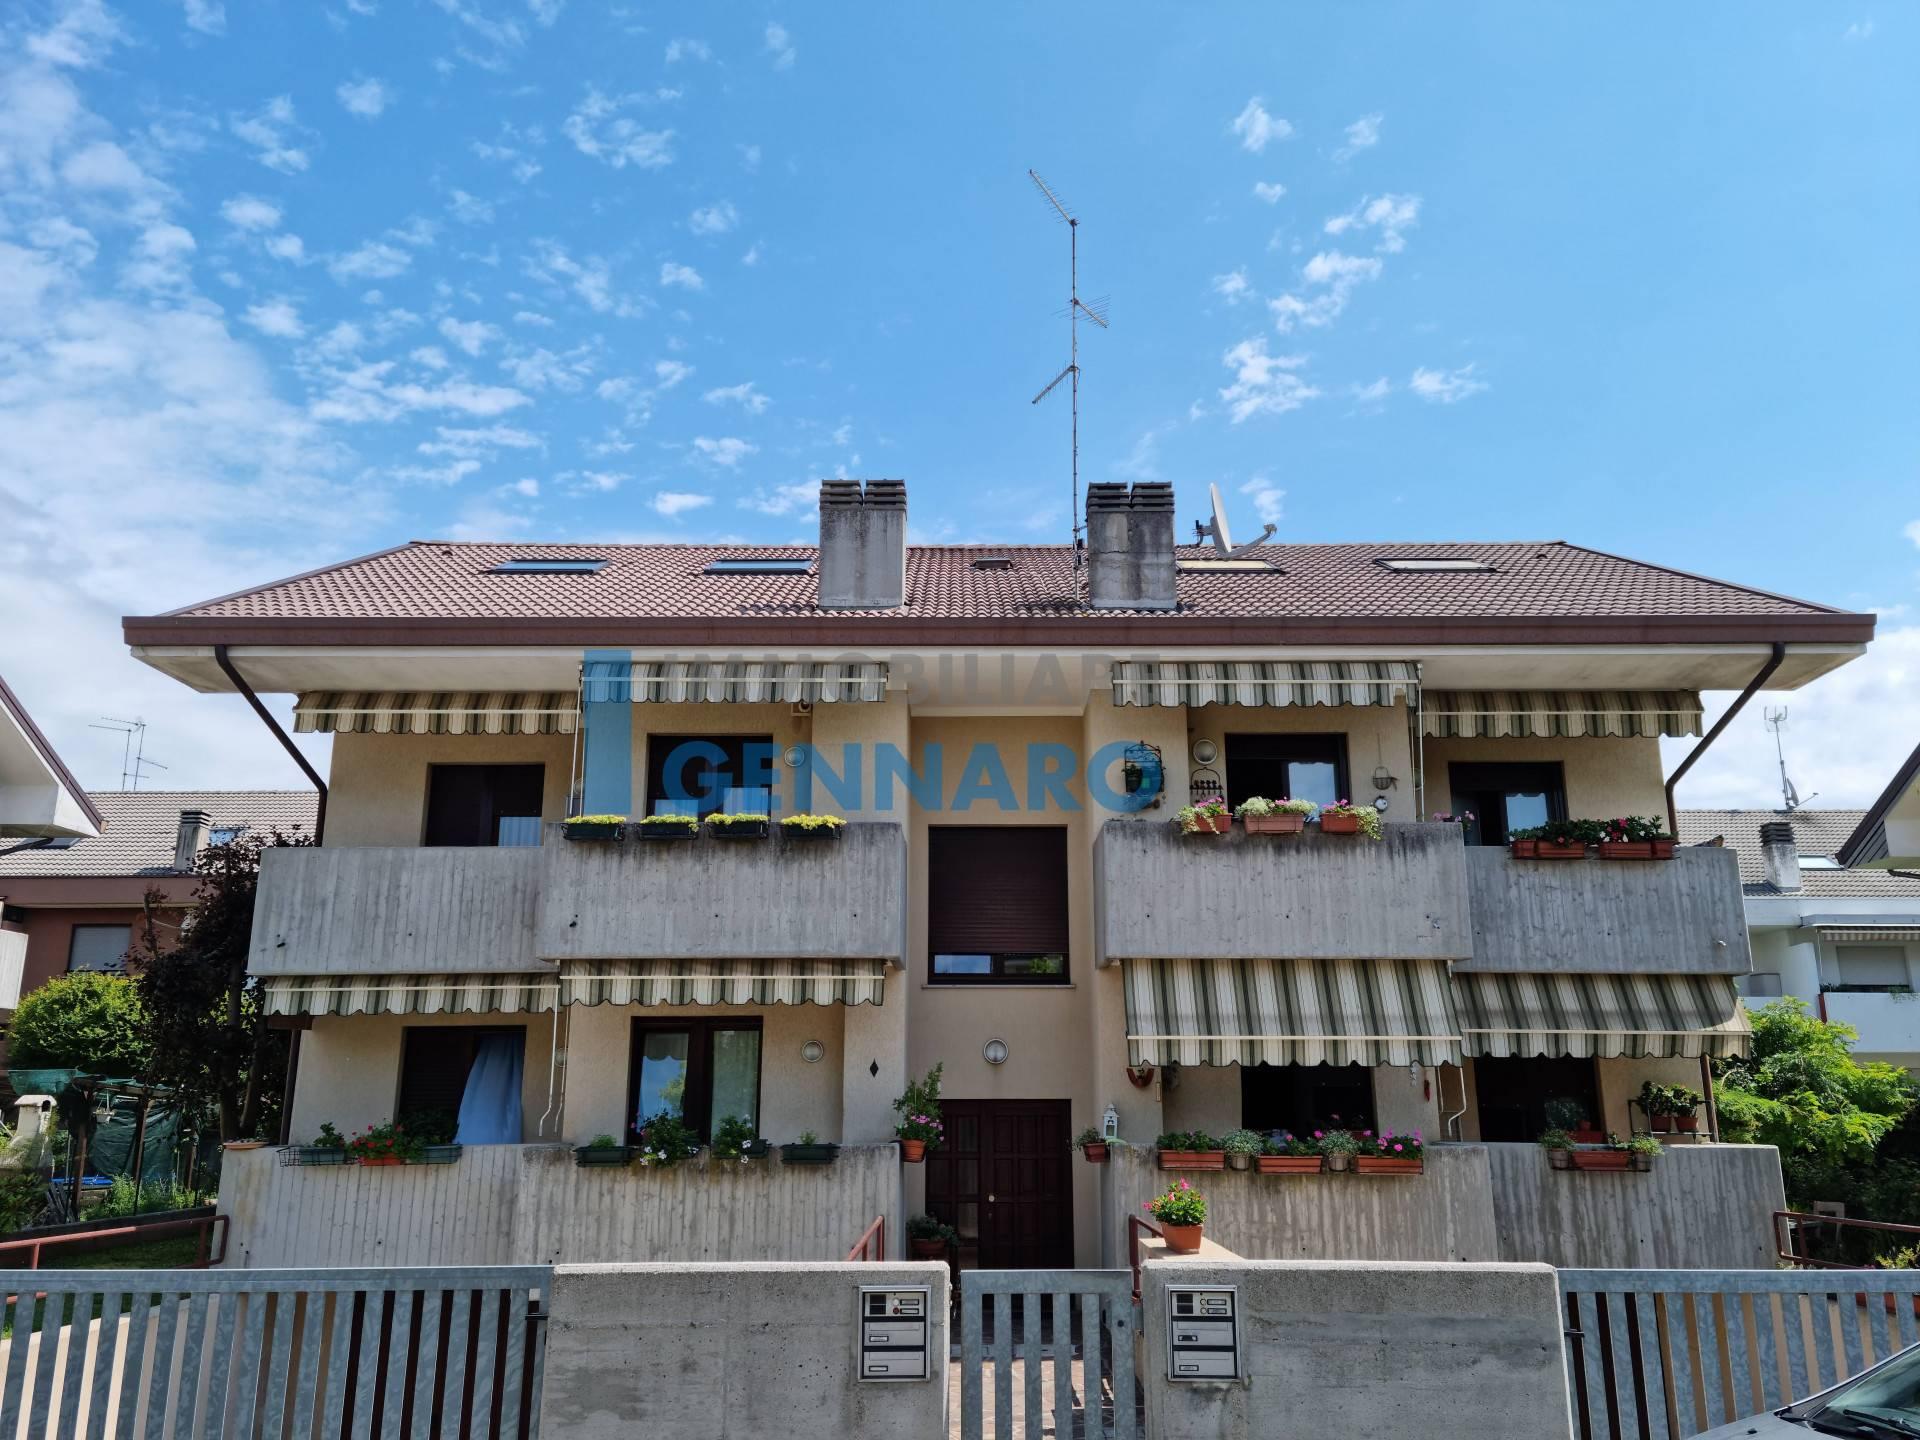 Appartamento in vendita a Udine, 3 locali, zona Località: UdineSud, prezzo € 155.000 | PortaleAgenzieImmobiliari.it